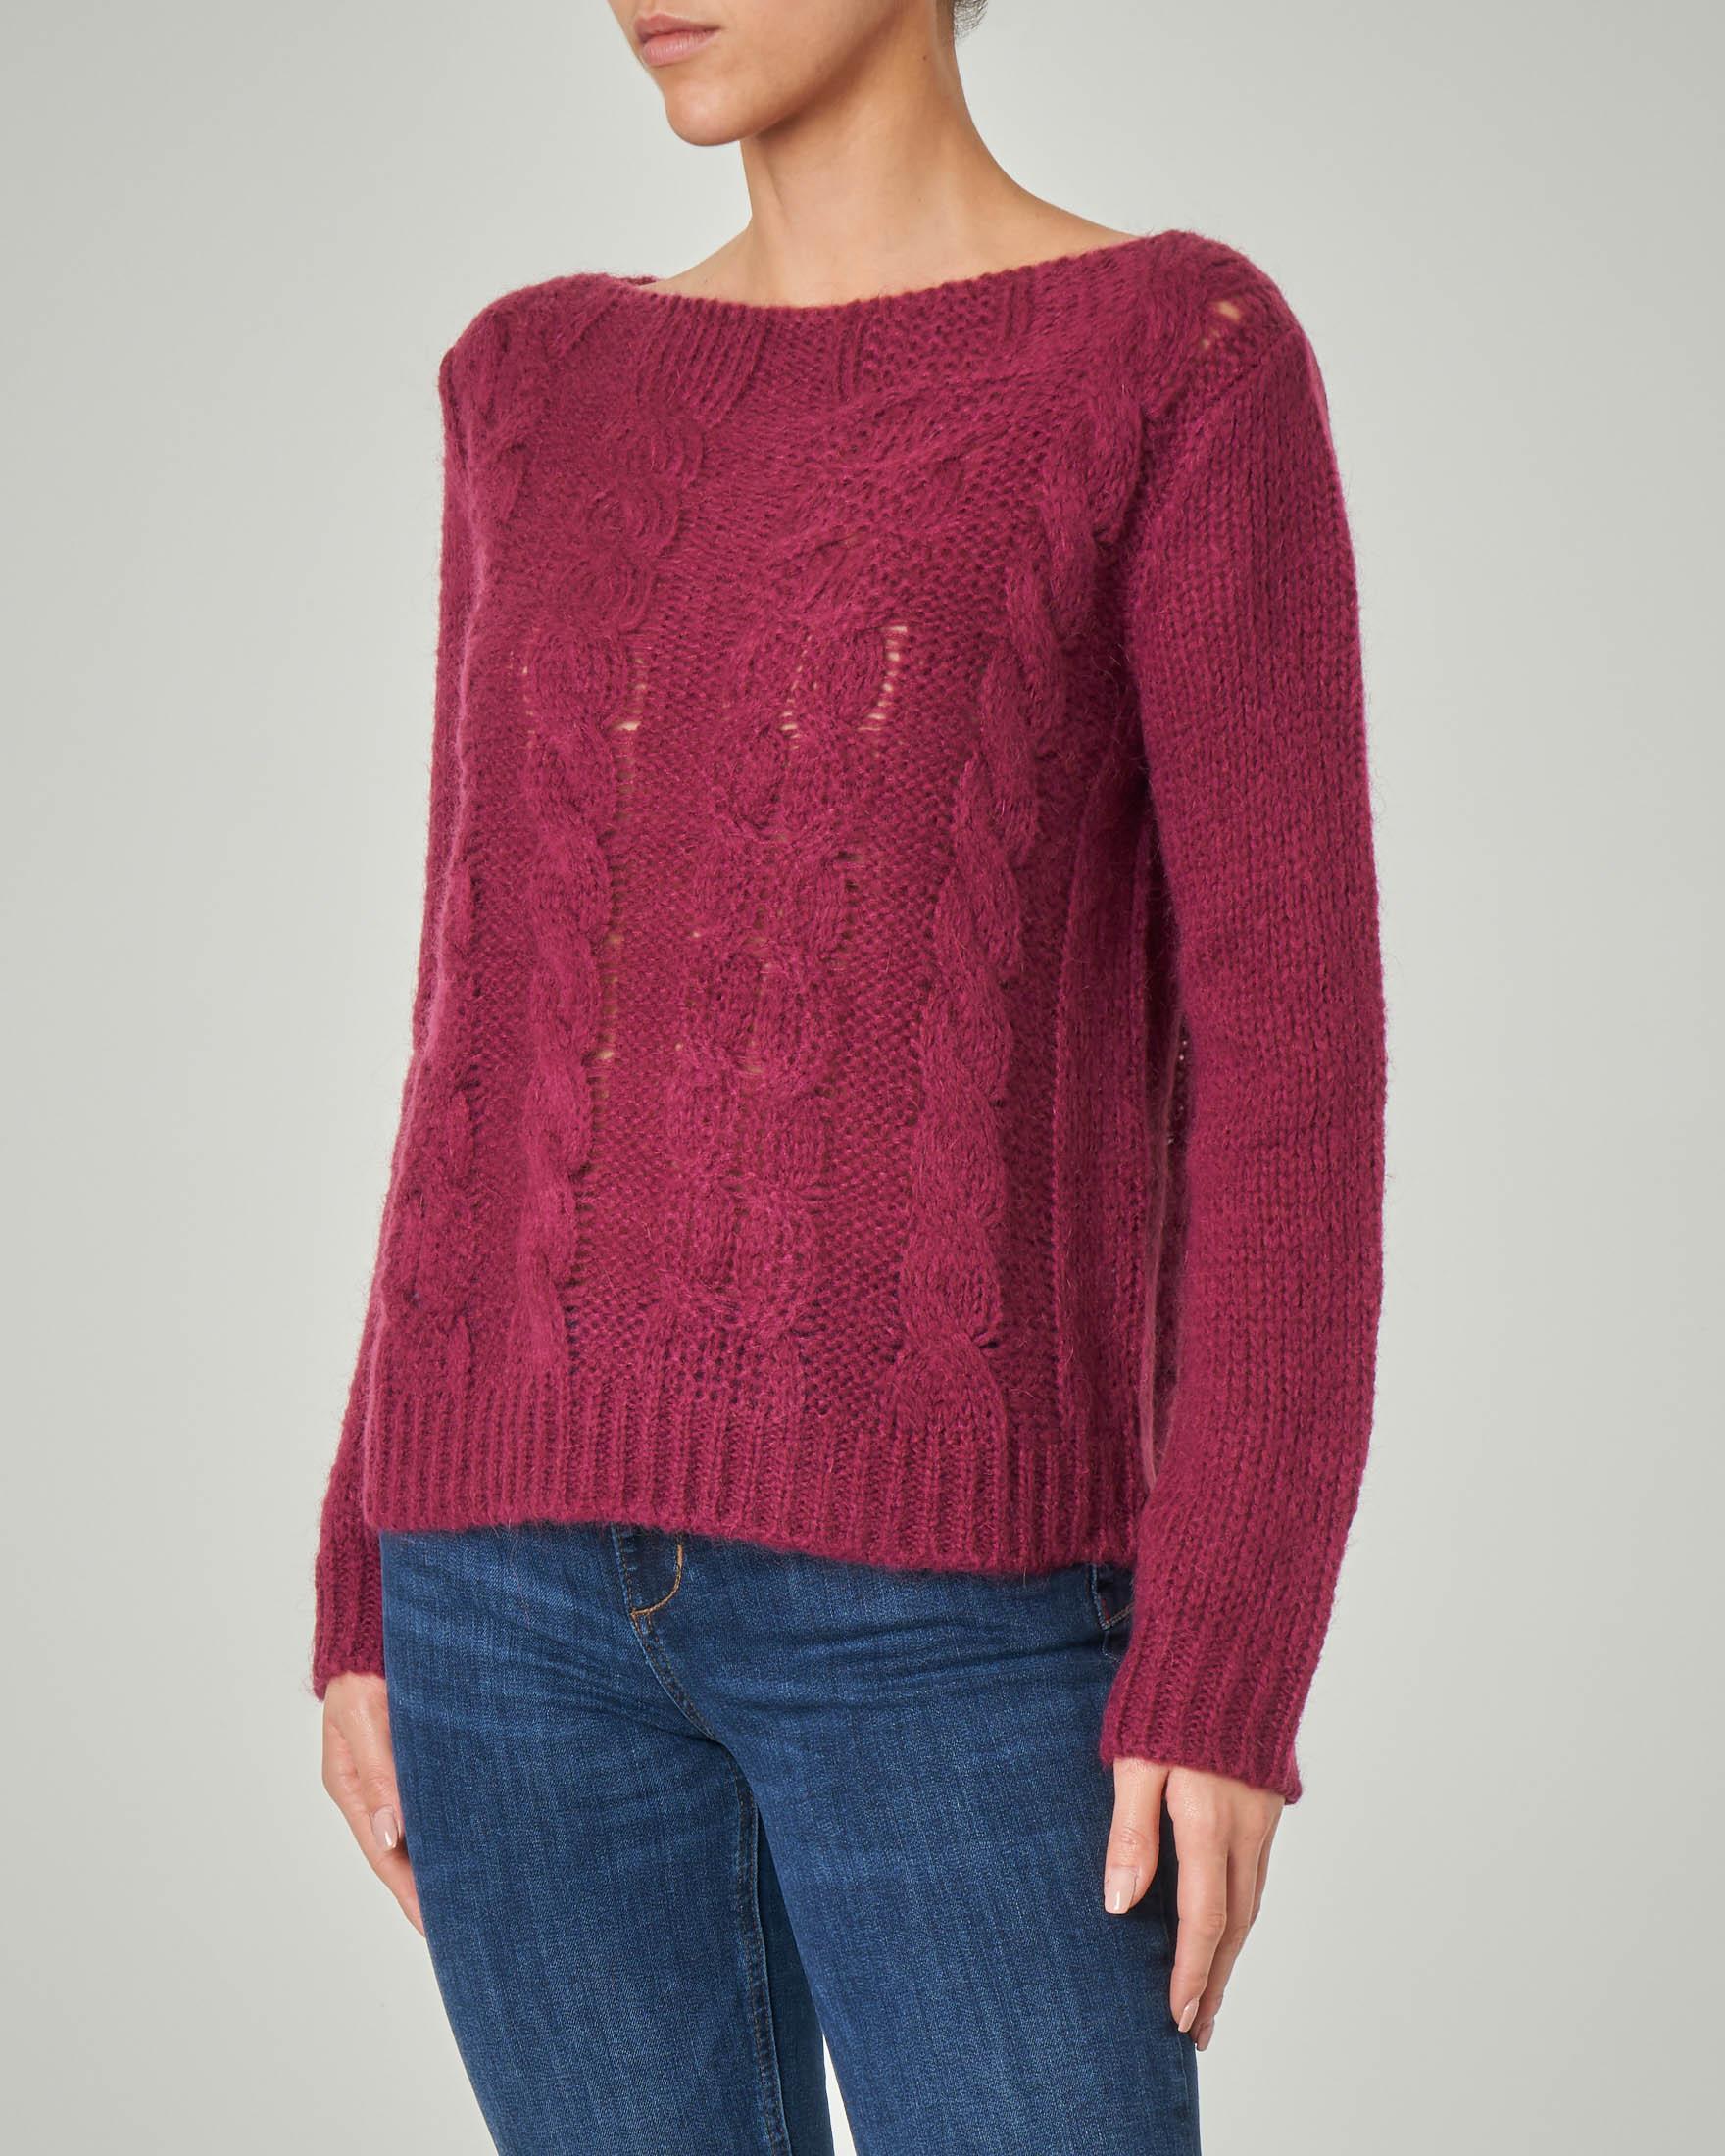 Maglia color vino in lana misto mohair lavorazione a trecce